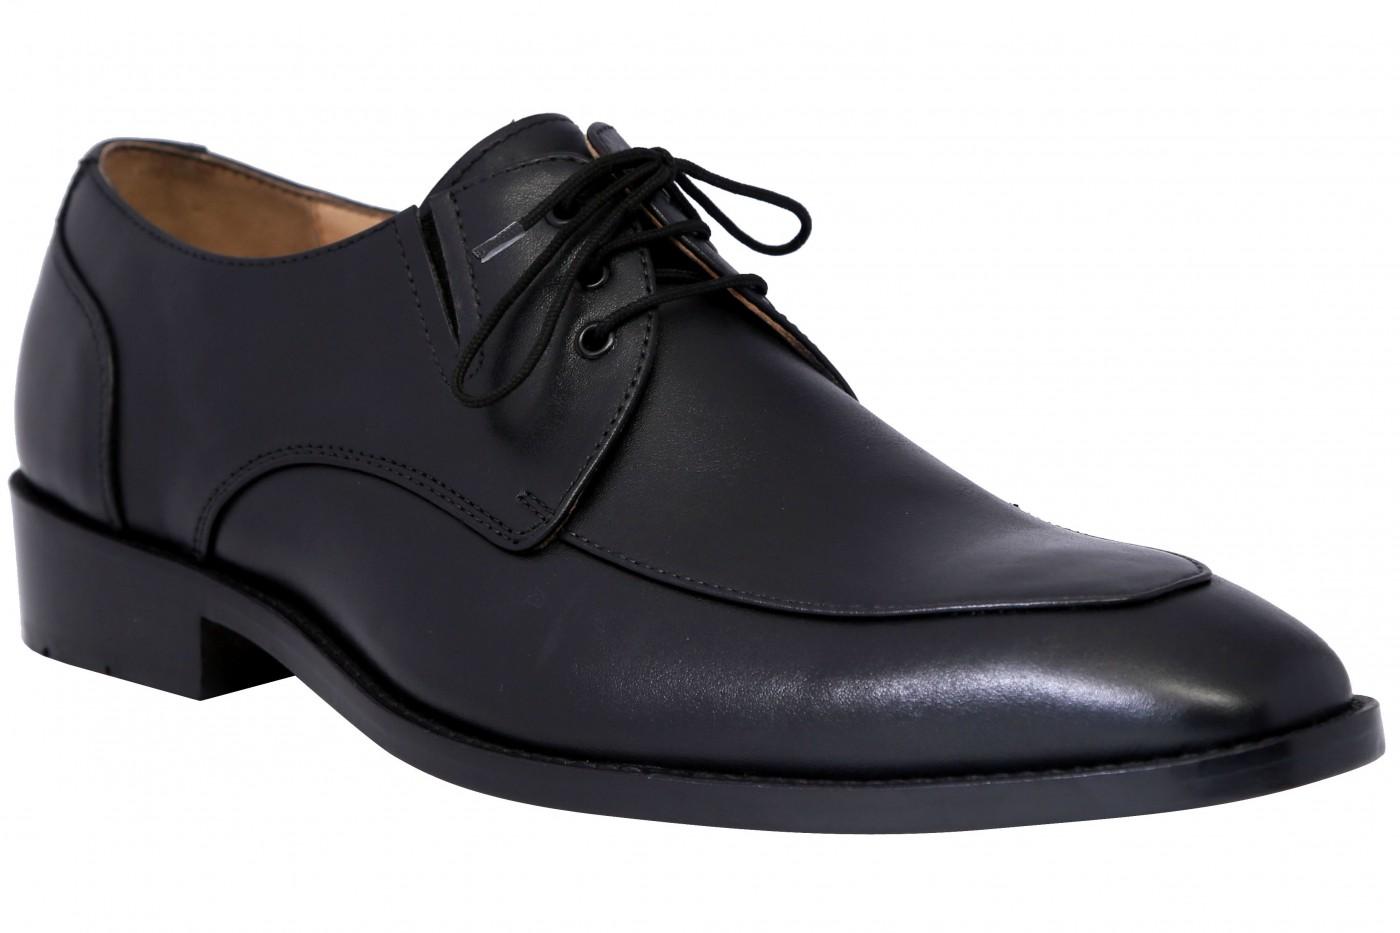 German Wear, Derby Business-schuhe Halbschuhe Lederschuhe mit Ledersohle Schuhe schwarz